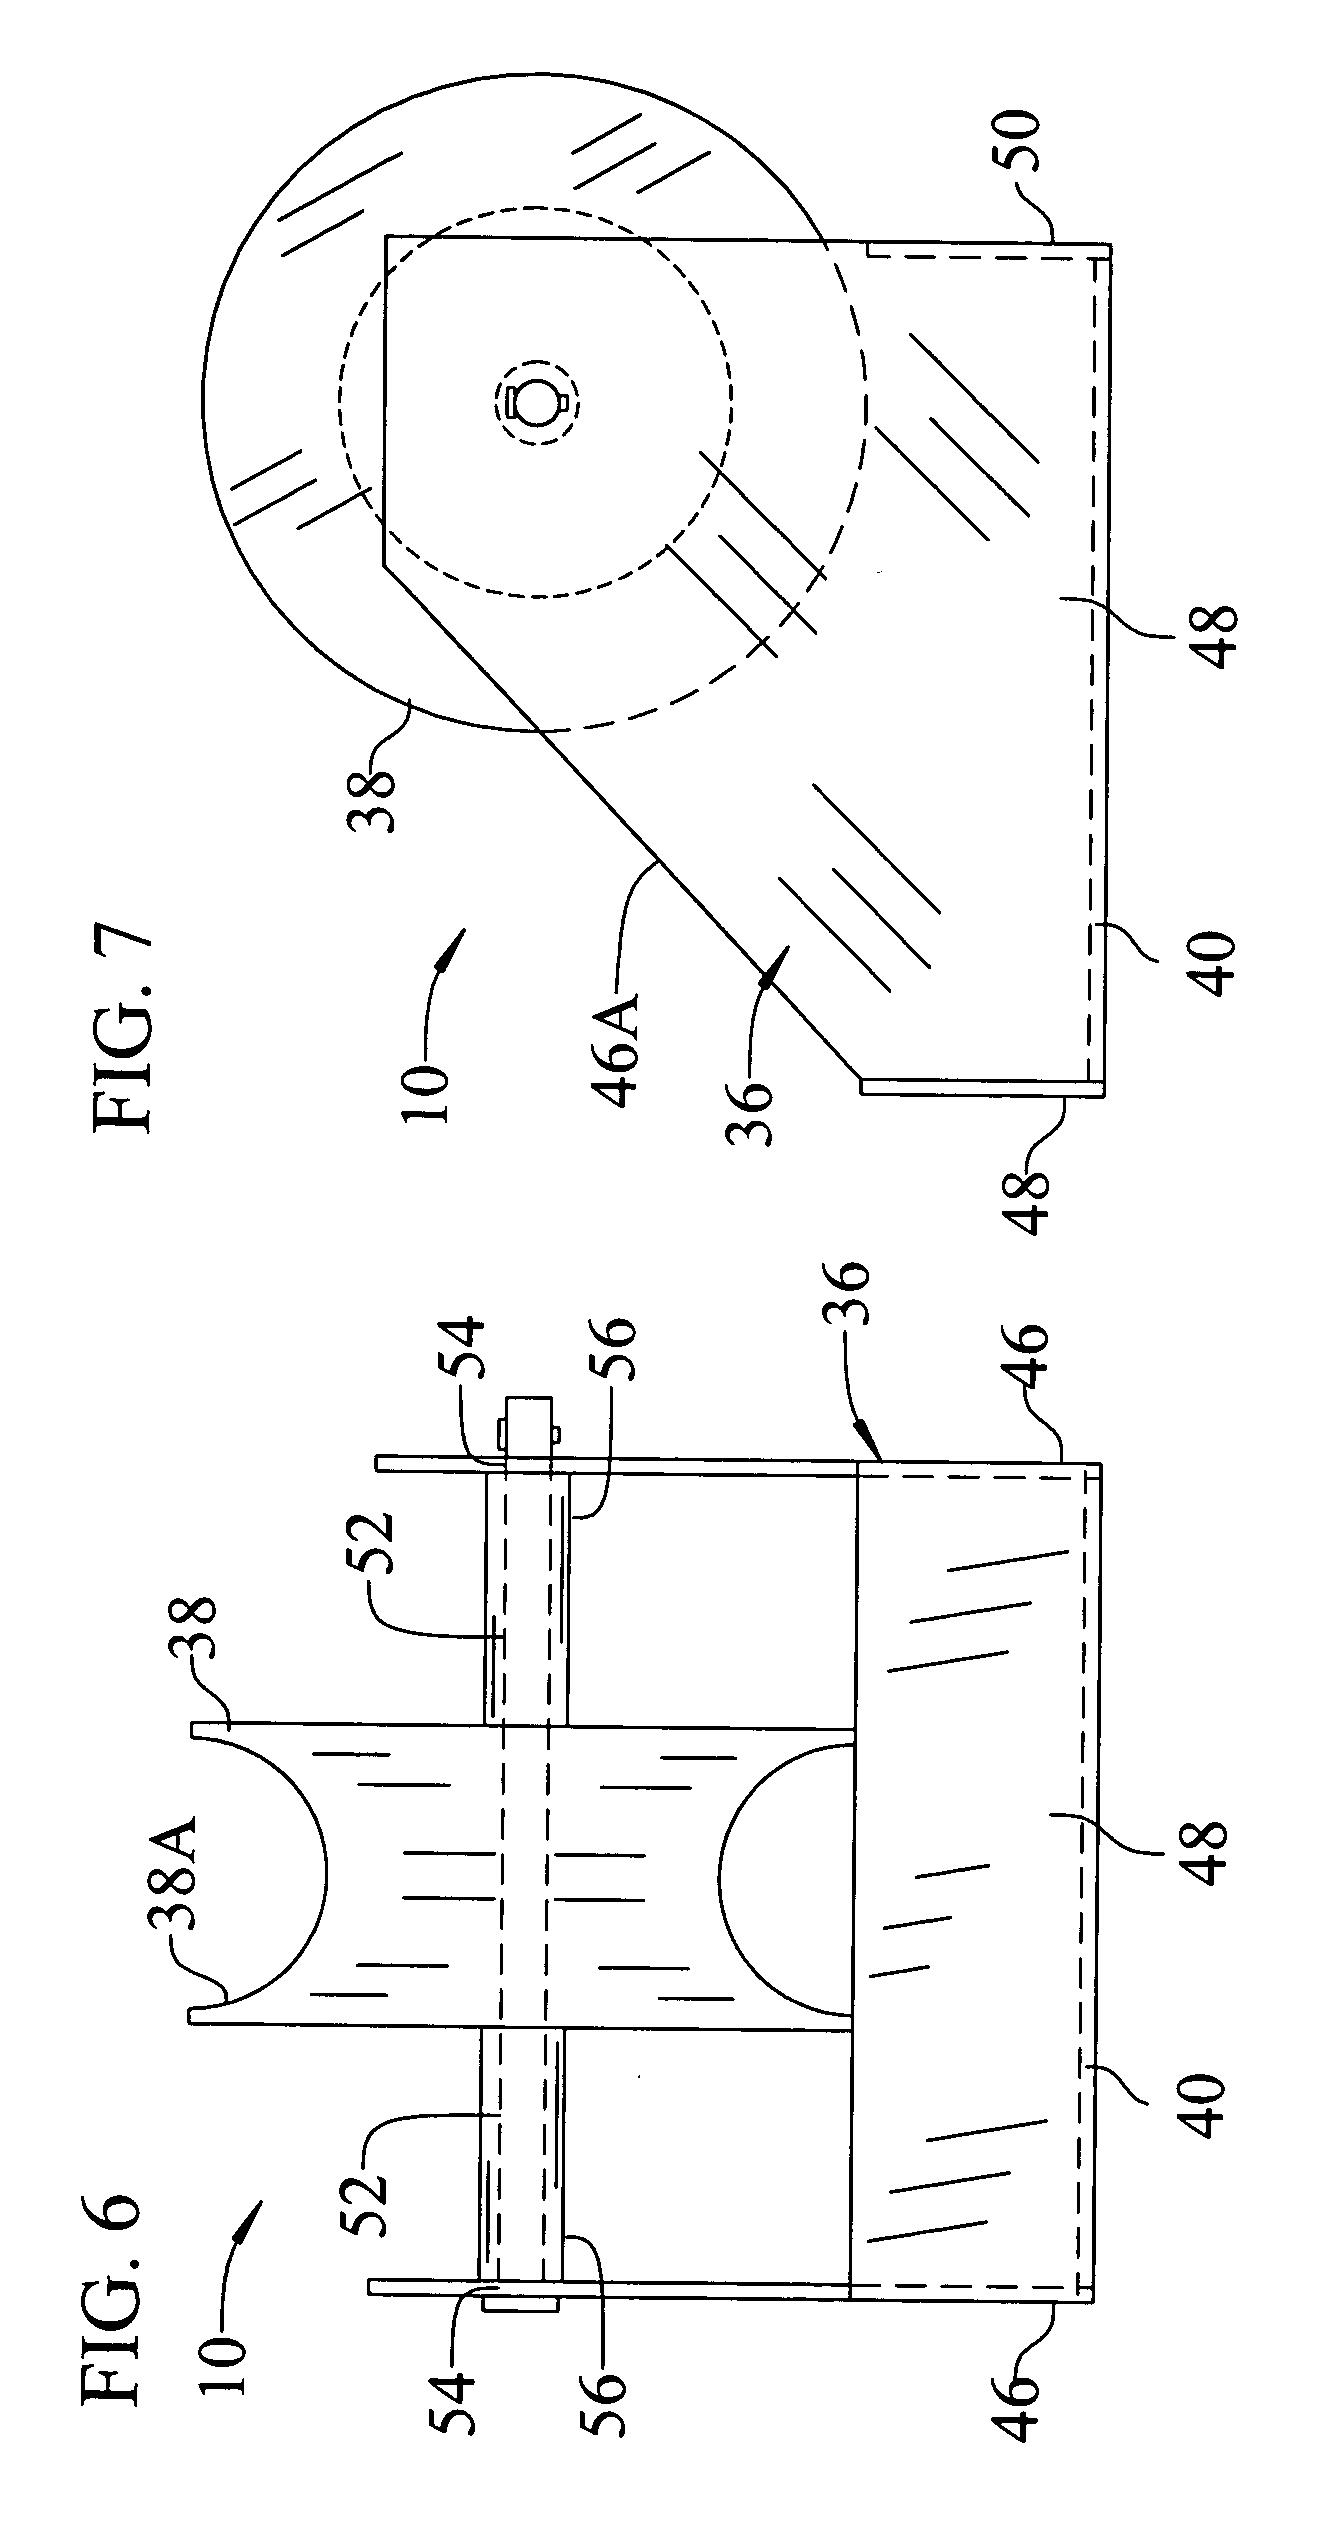 patent us6883783